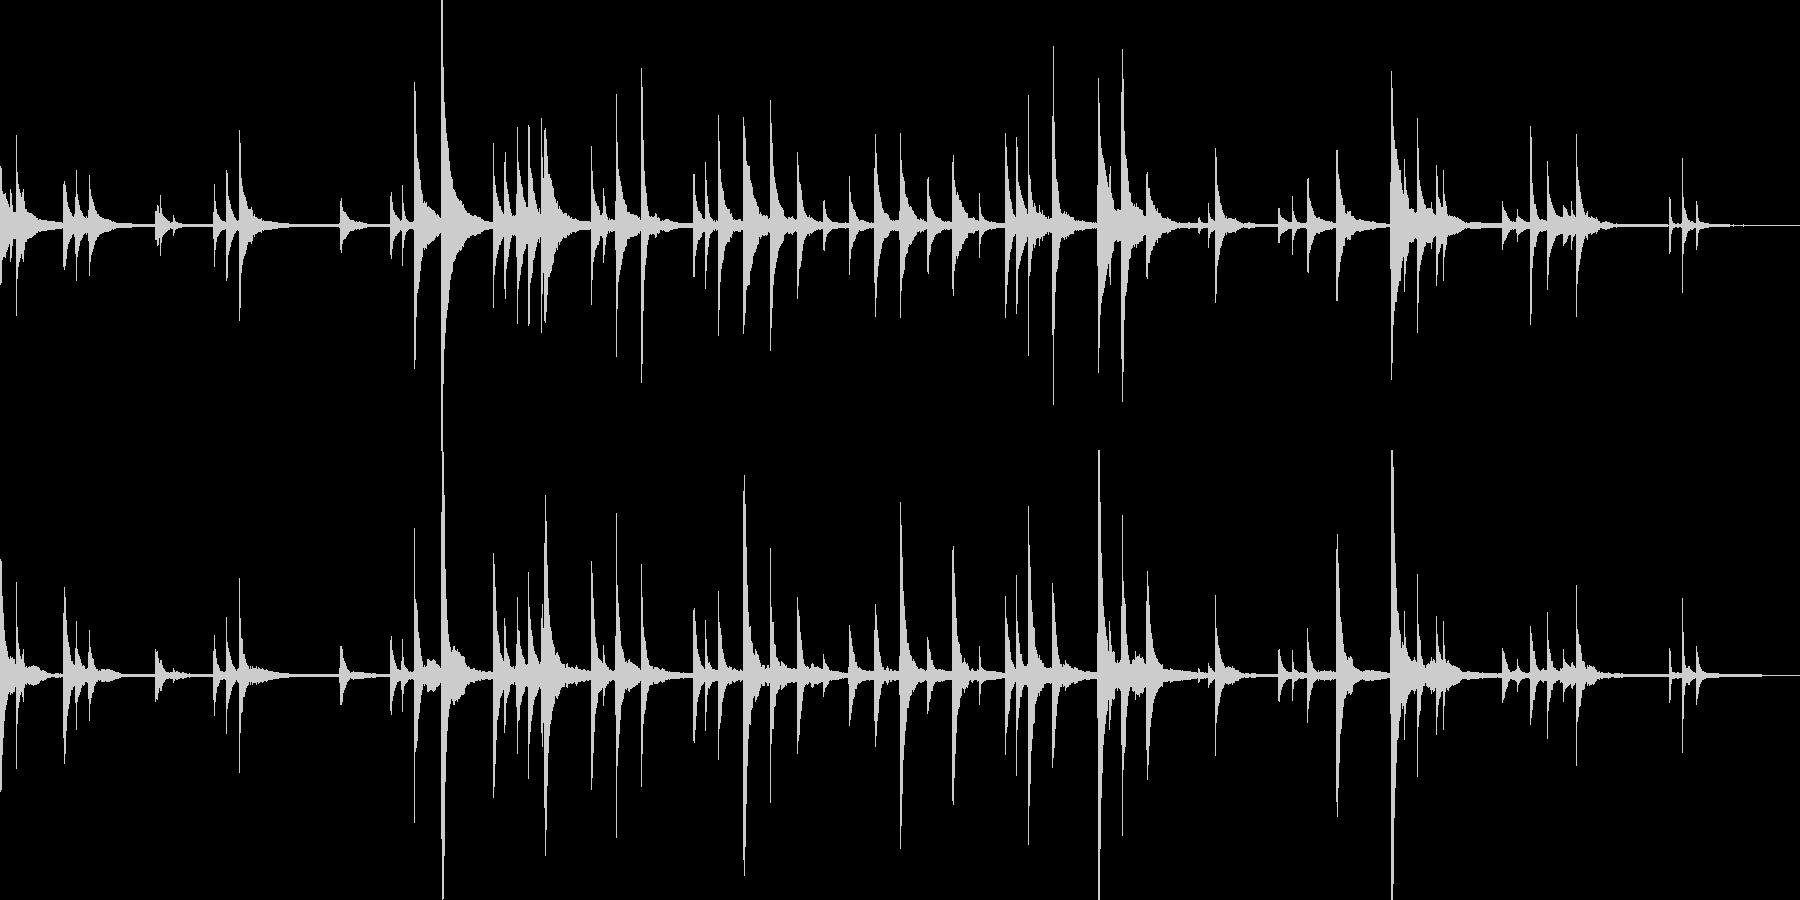 何かが忍び寄るようなピアノソロの未再生の波形